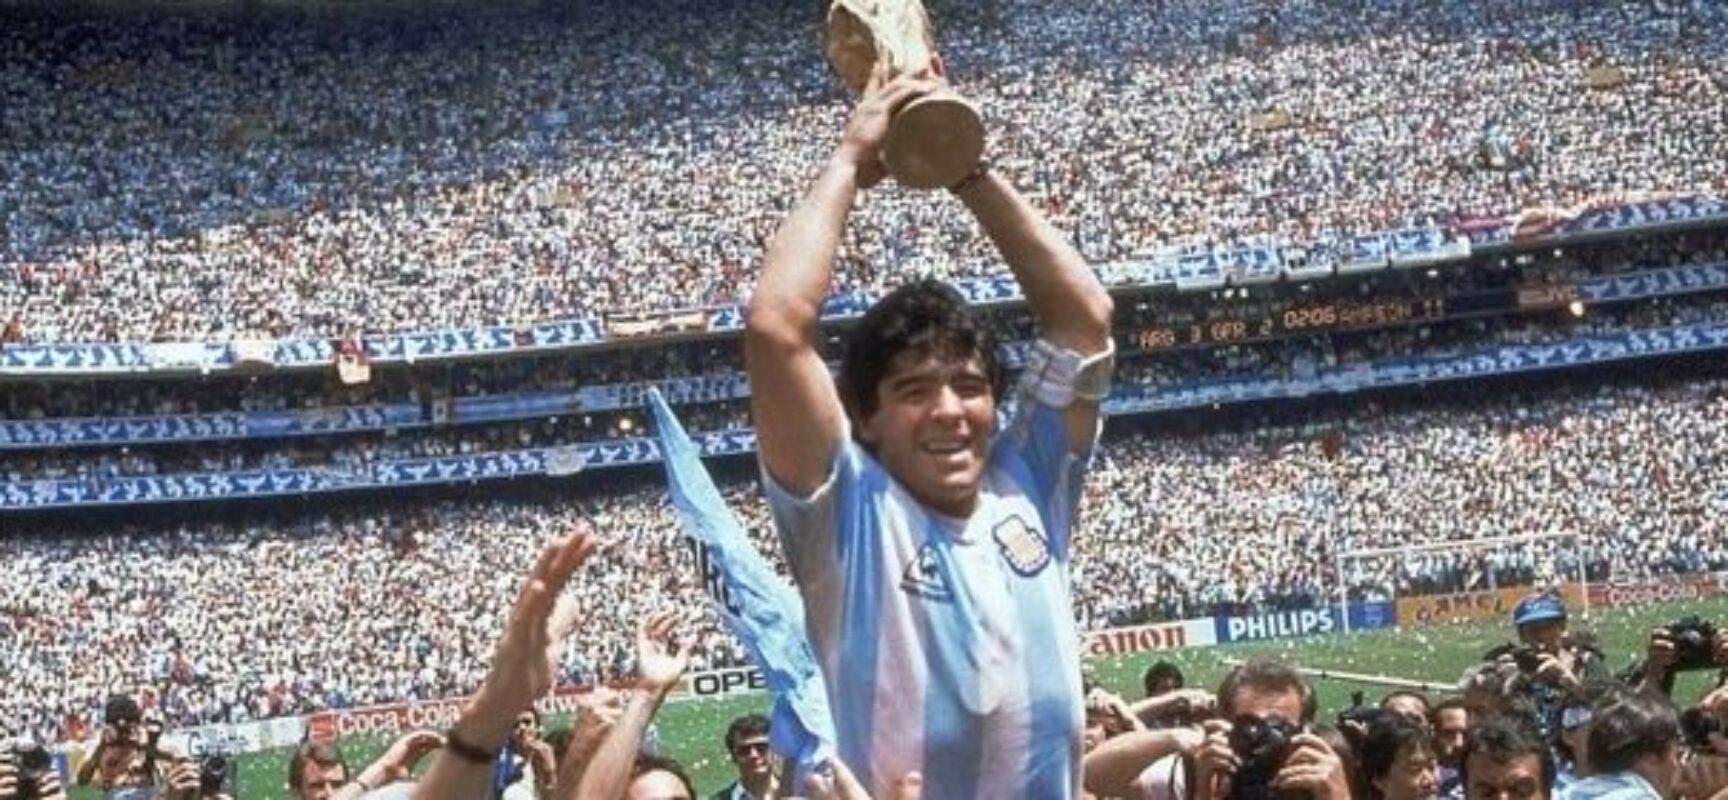 O ex-jogador de futebol argentino Diego Armando Maradona morreu nesta quarta-feira (25/11), aos 60 anos.